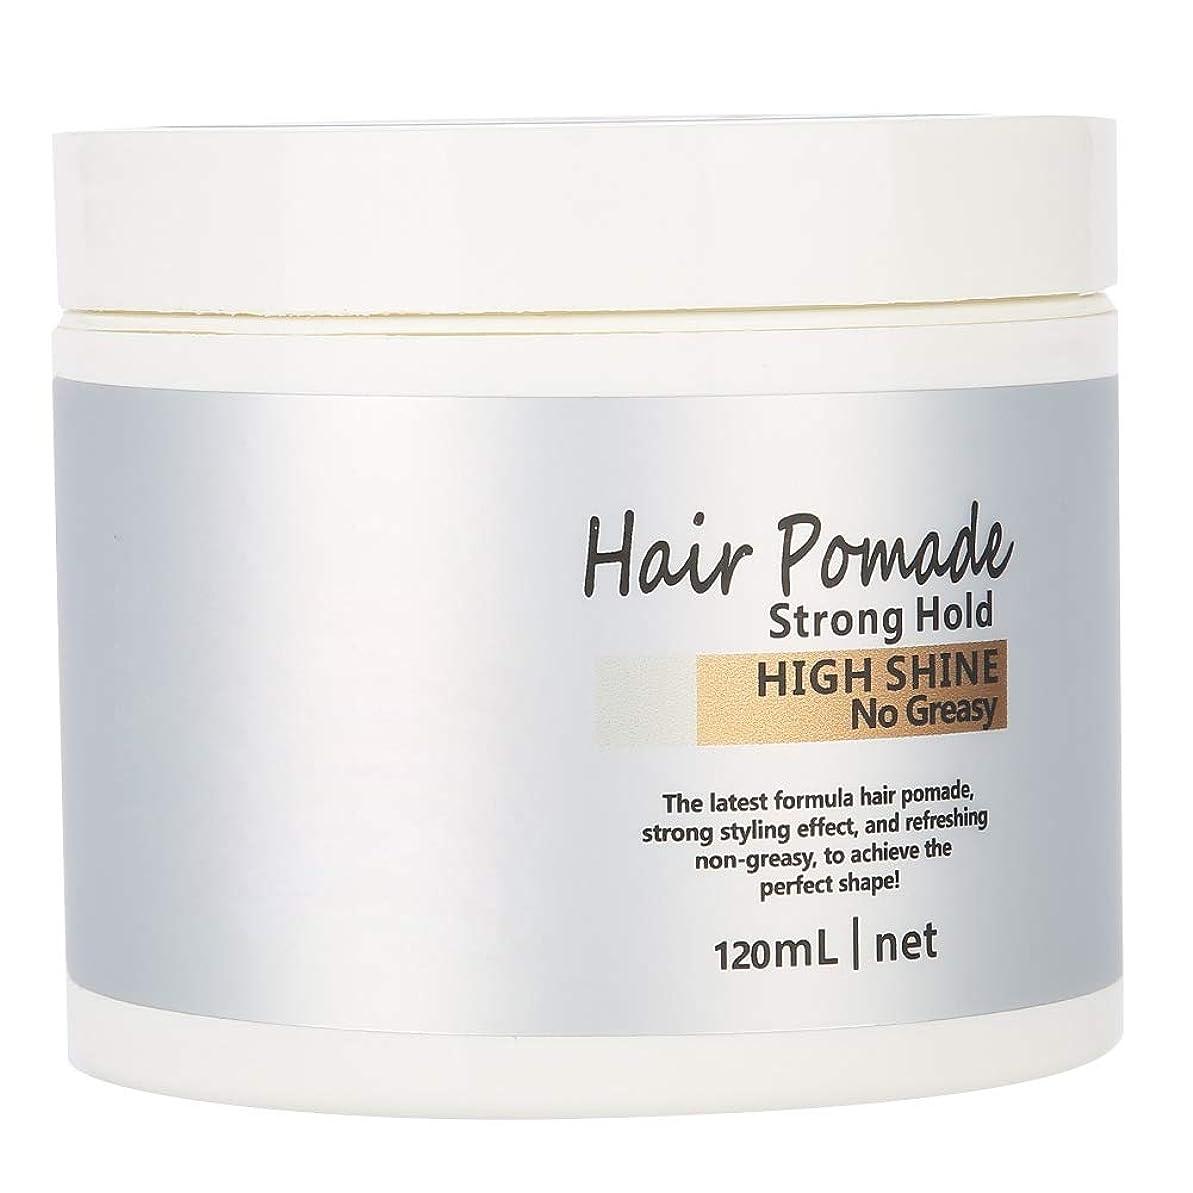 重々しいまどろみのある急行するヘアワックス 髪用ゼリーウォータージェルワックス、ウェットエフェクトを使用した極度の固着モデリングワックスポマード(120ml)